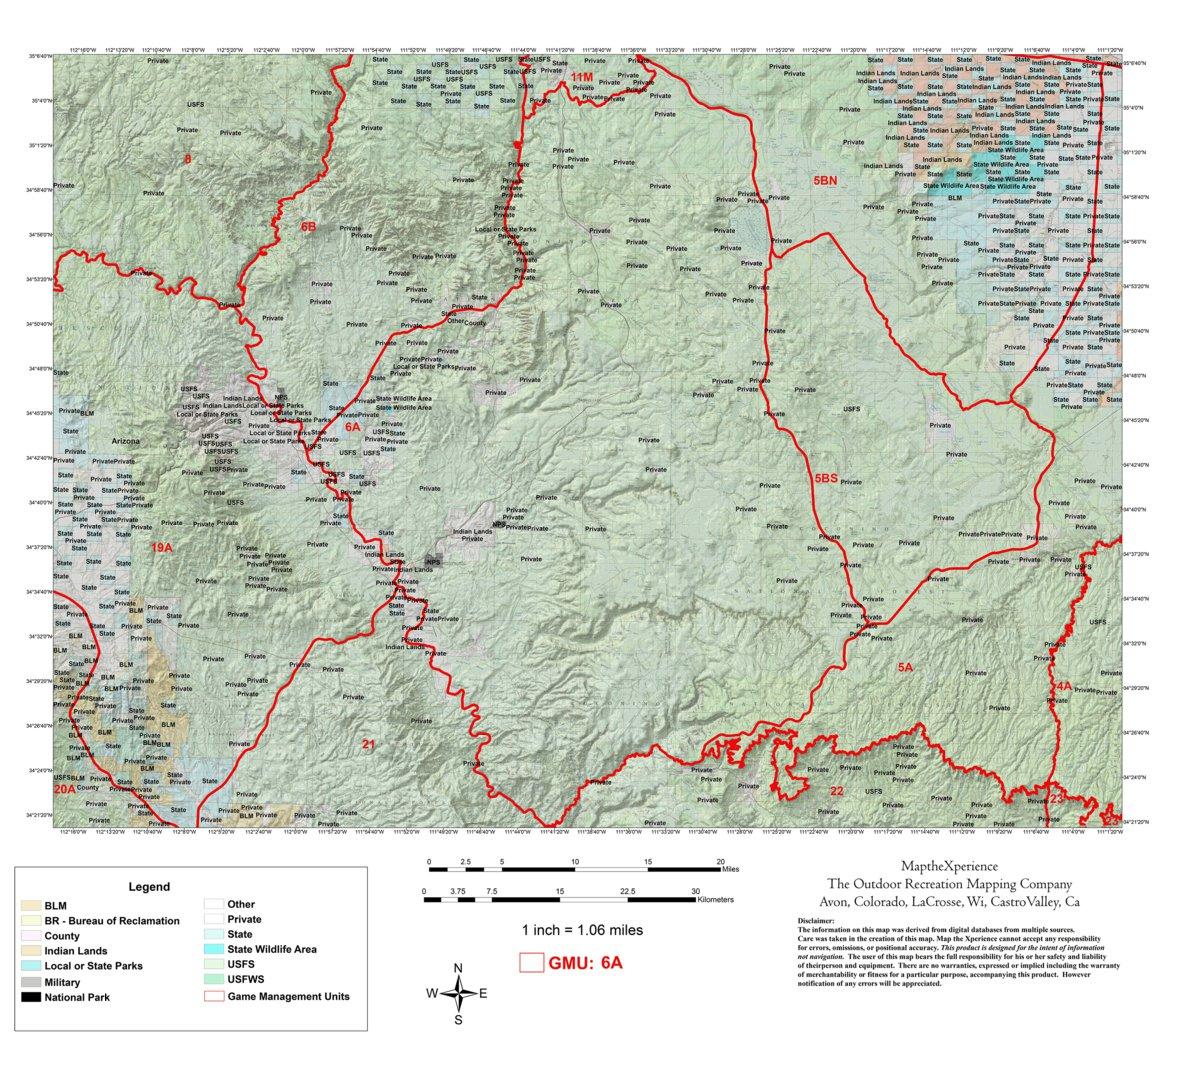 Unit 6a Arizona Map.Arizona Gmu 6a Hunting Map Map The Xperience Avenza Maps